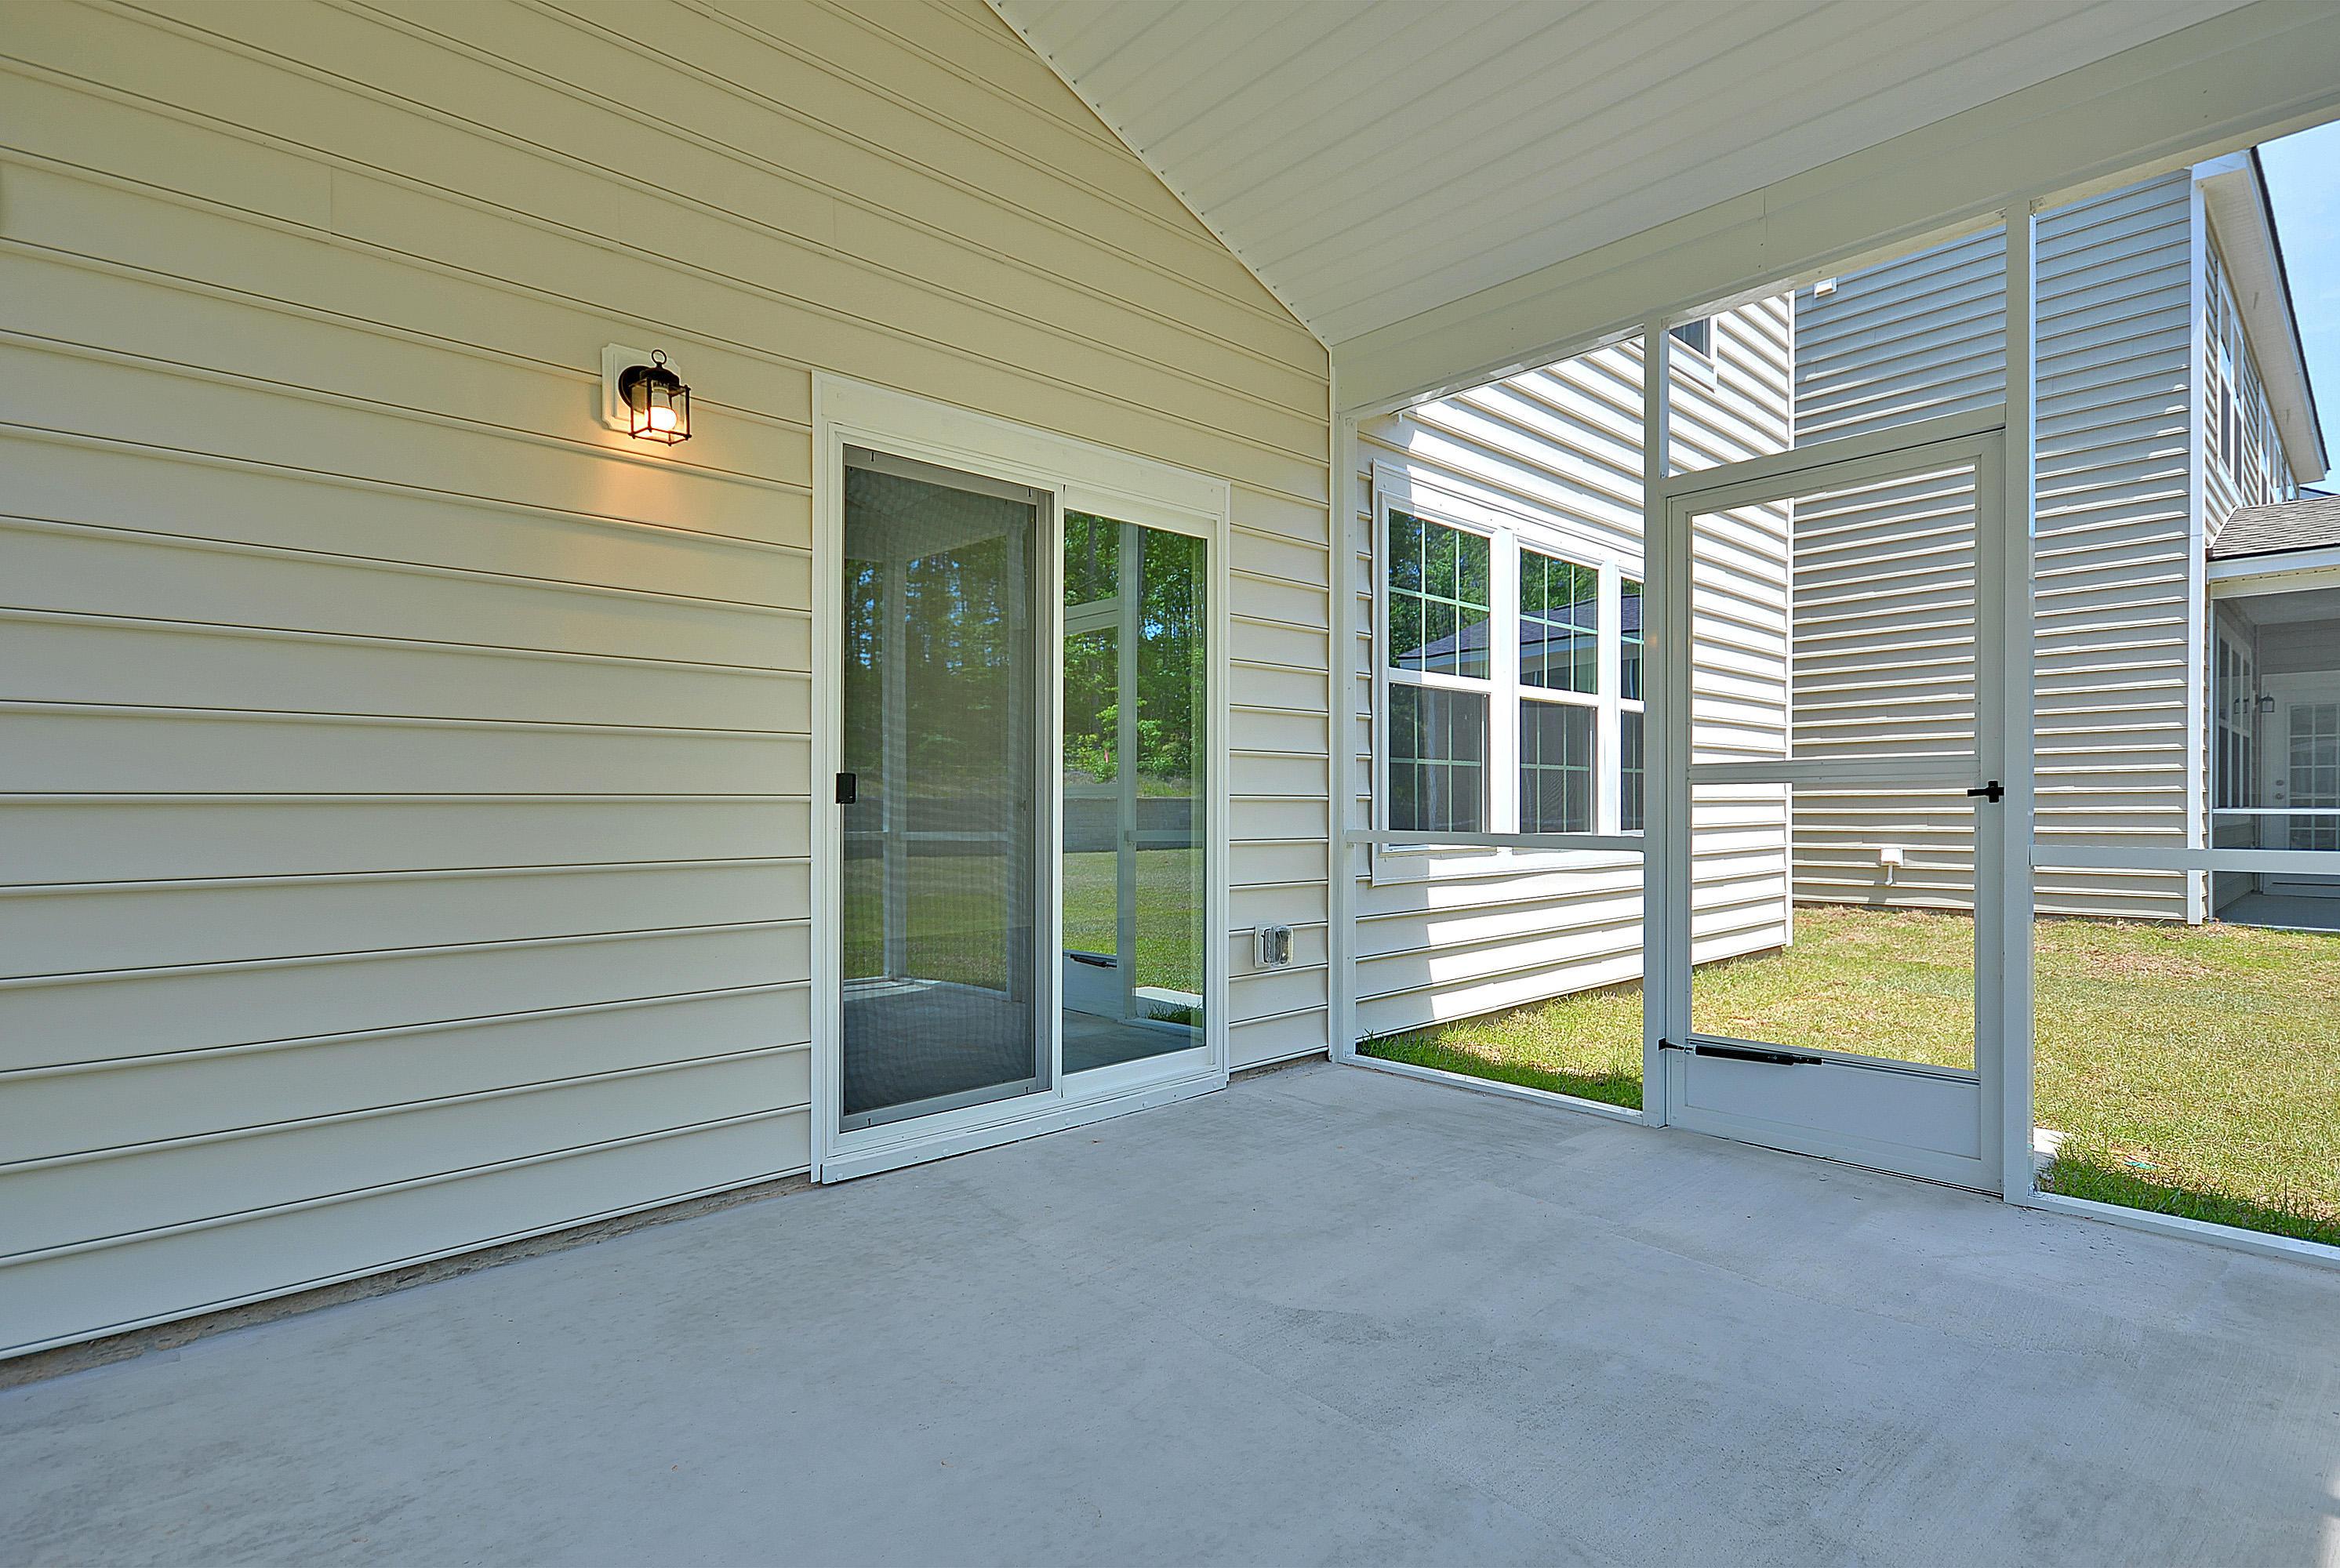 Cane Bay Plantation Homes For Sale - 239 Firewheel, Summerville, SC - 25